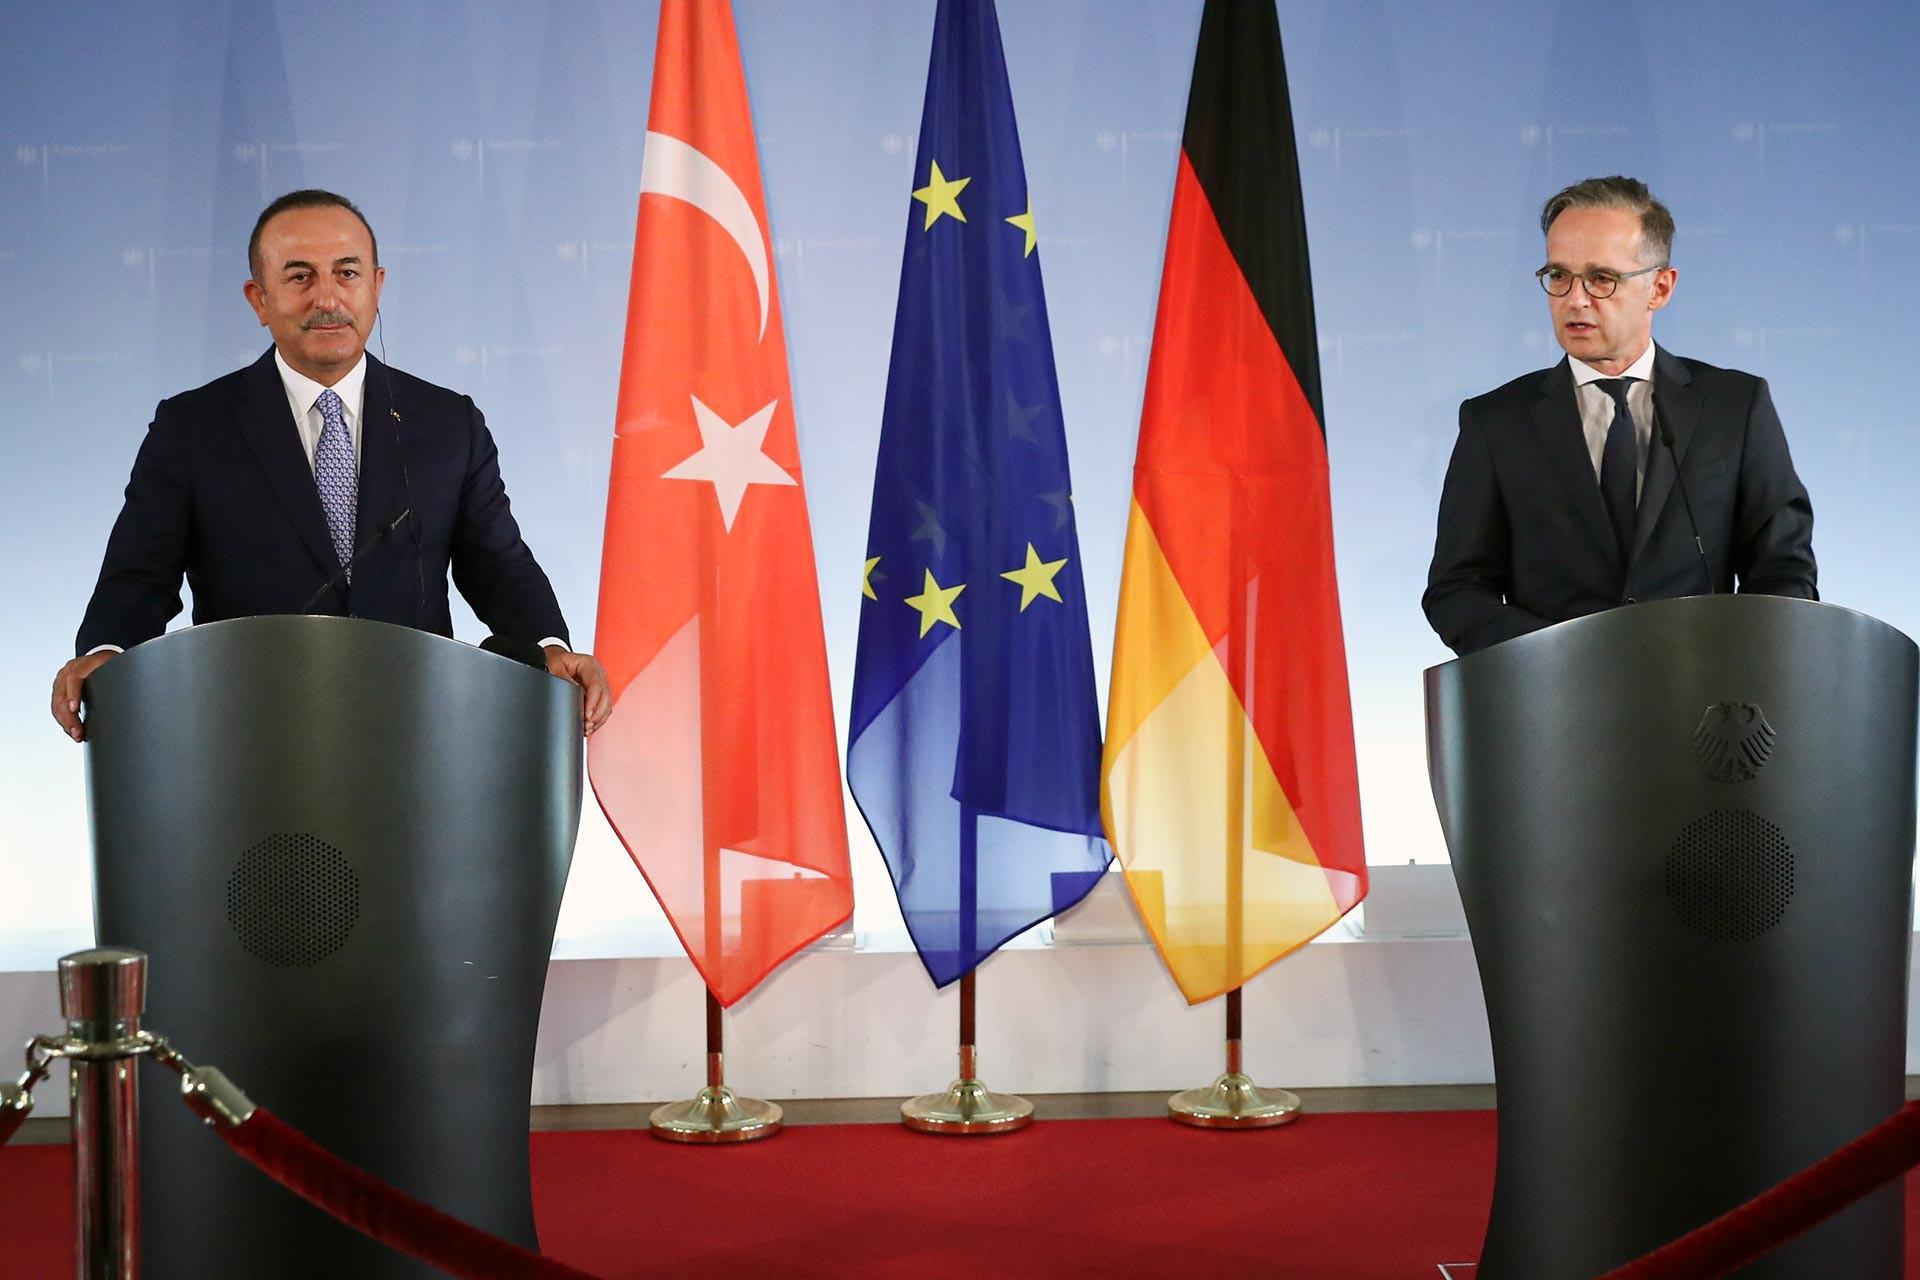 Dışişleri Bakanı Mevlüt Çavuşoğlu ve Almanya Dışişleri Bakanı Heiko Maas'ın ortak basın toplantısı